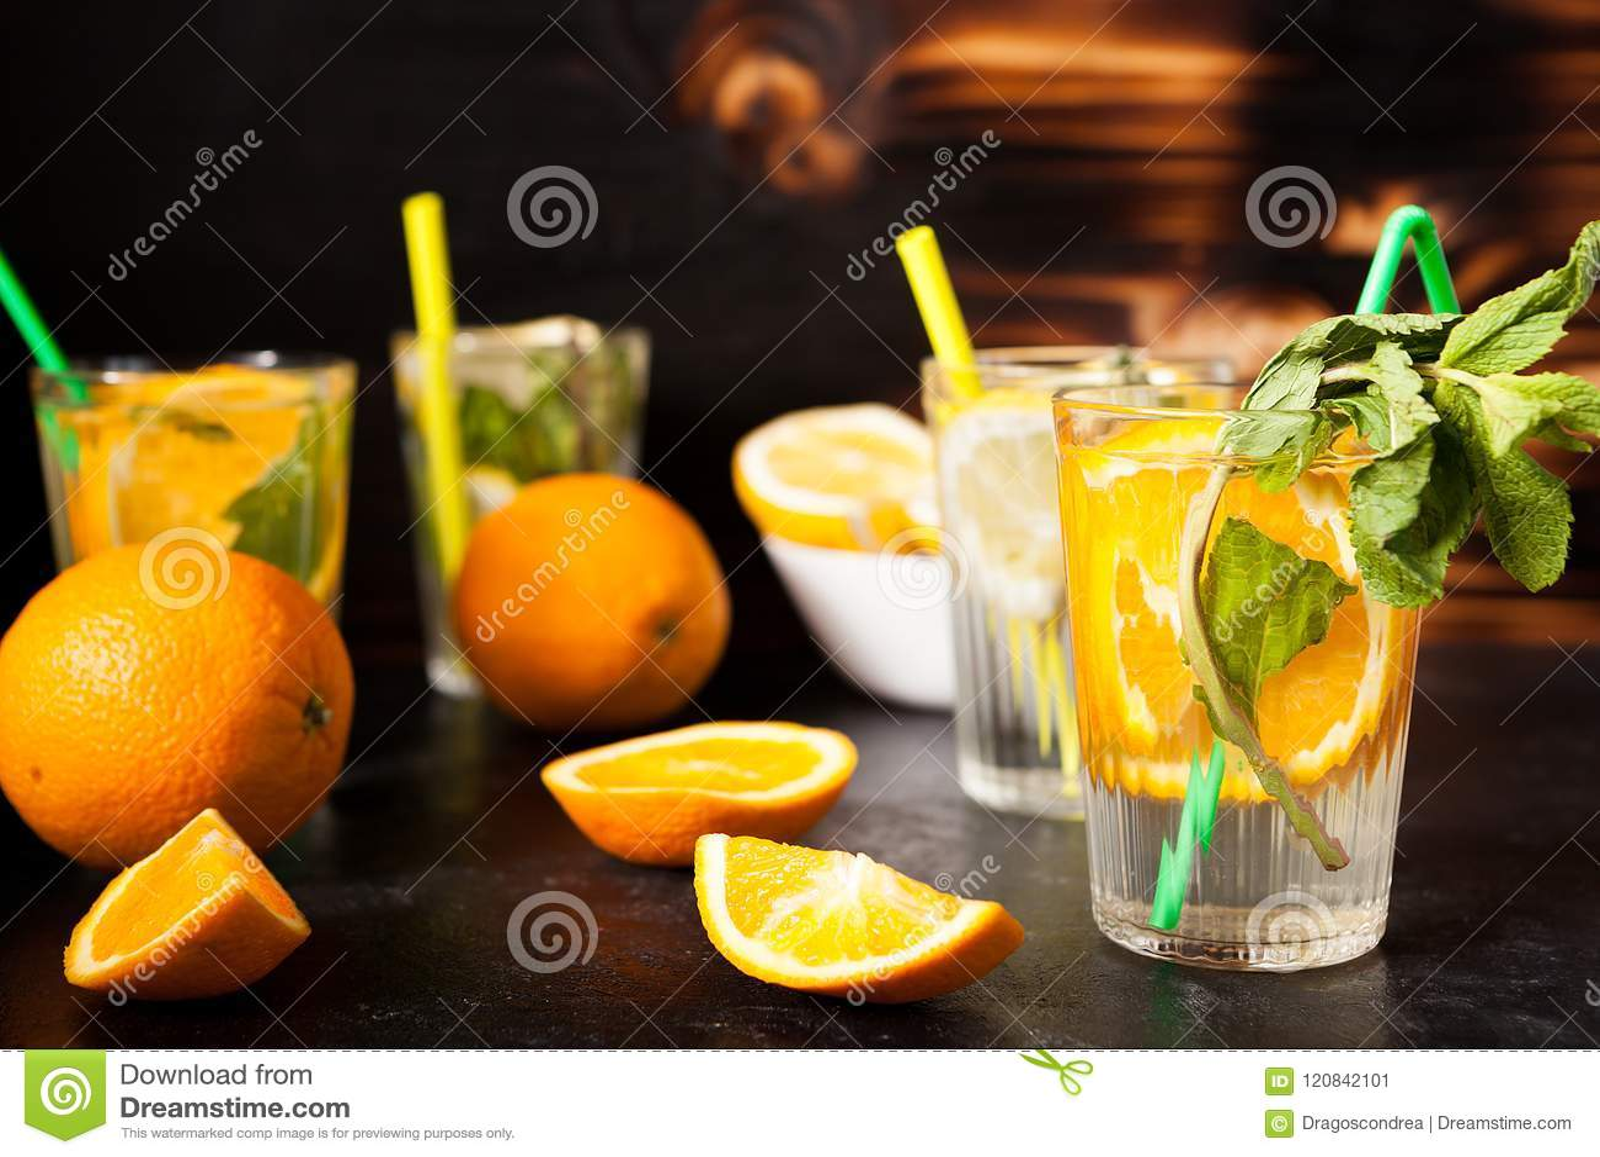 Verres avec l orangeade et la limonade